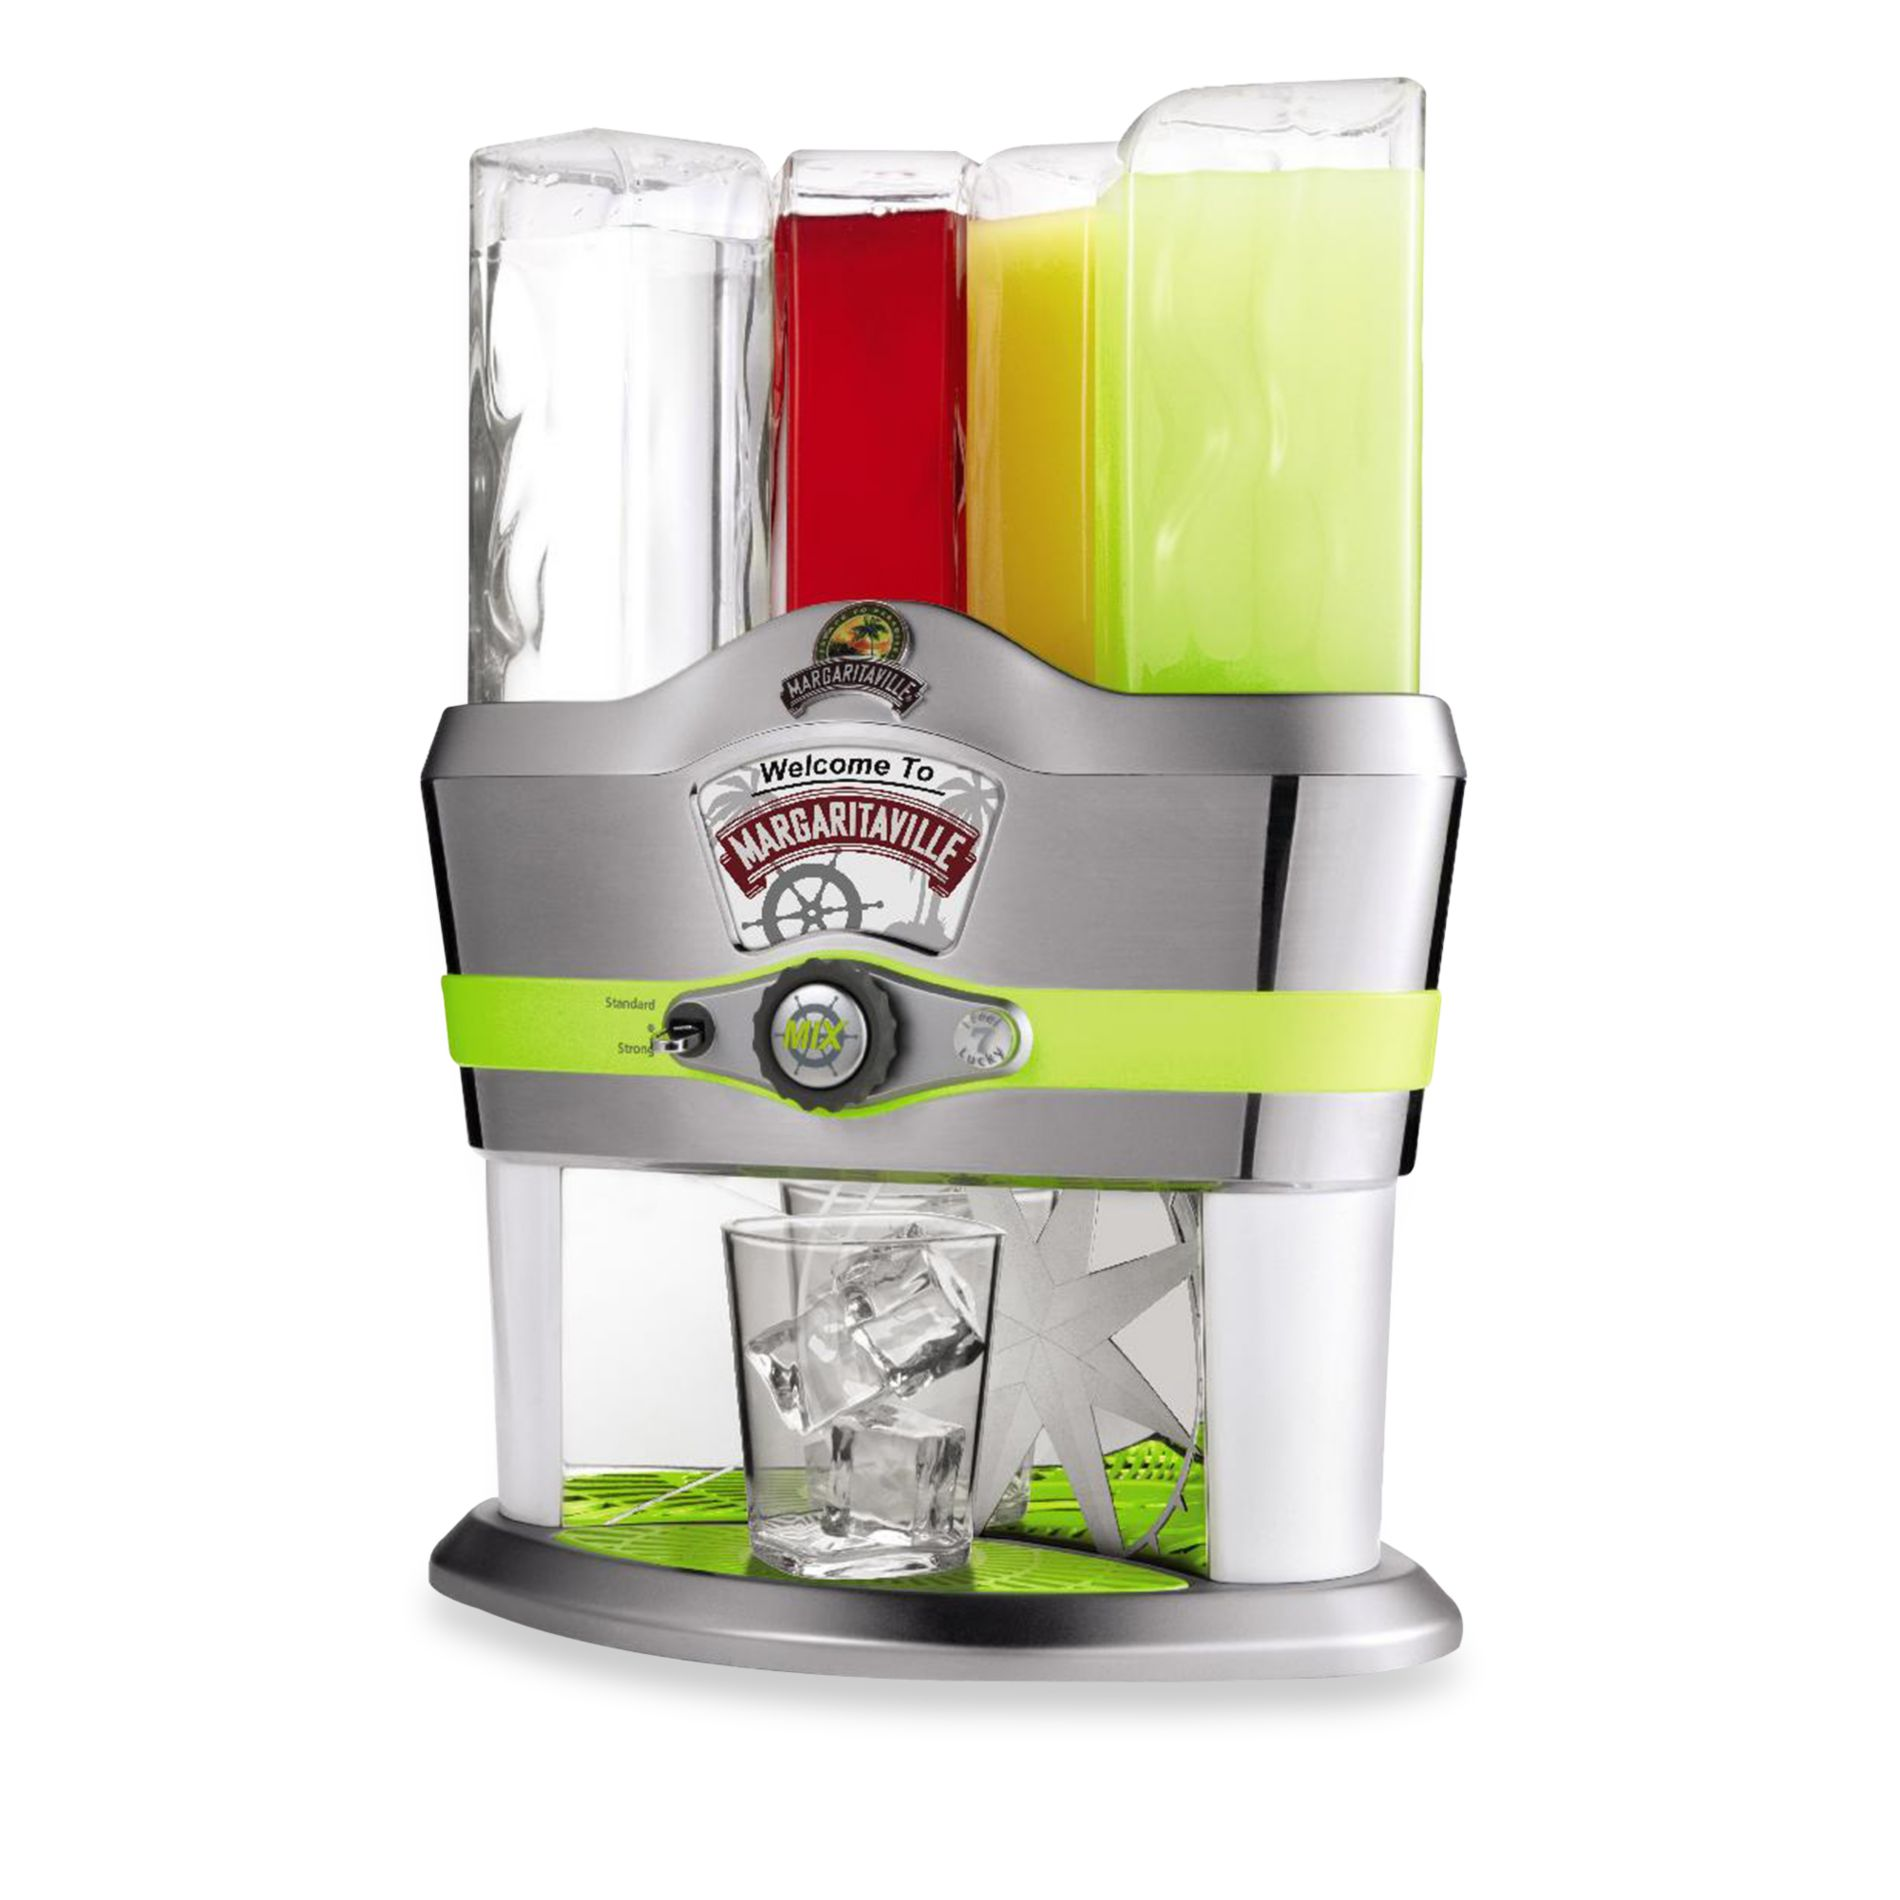 Margaritaville Mixed Drink Maker - BedBathandBeyond.com